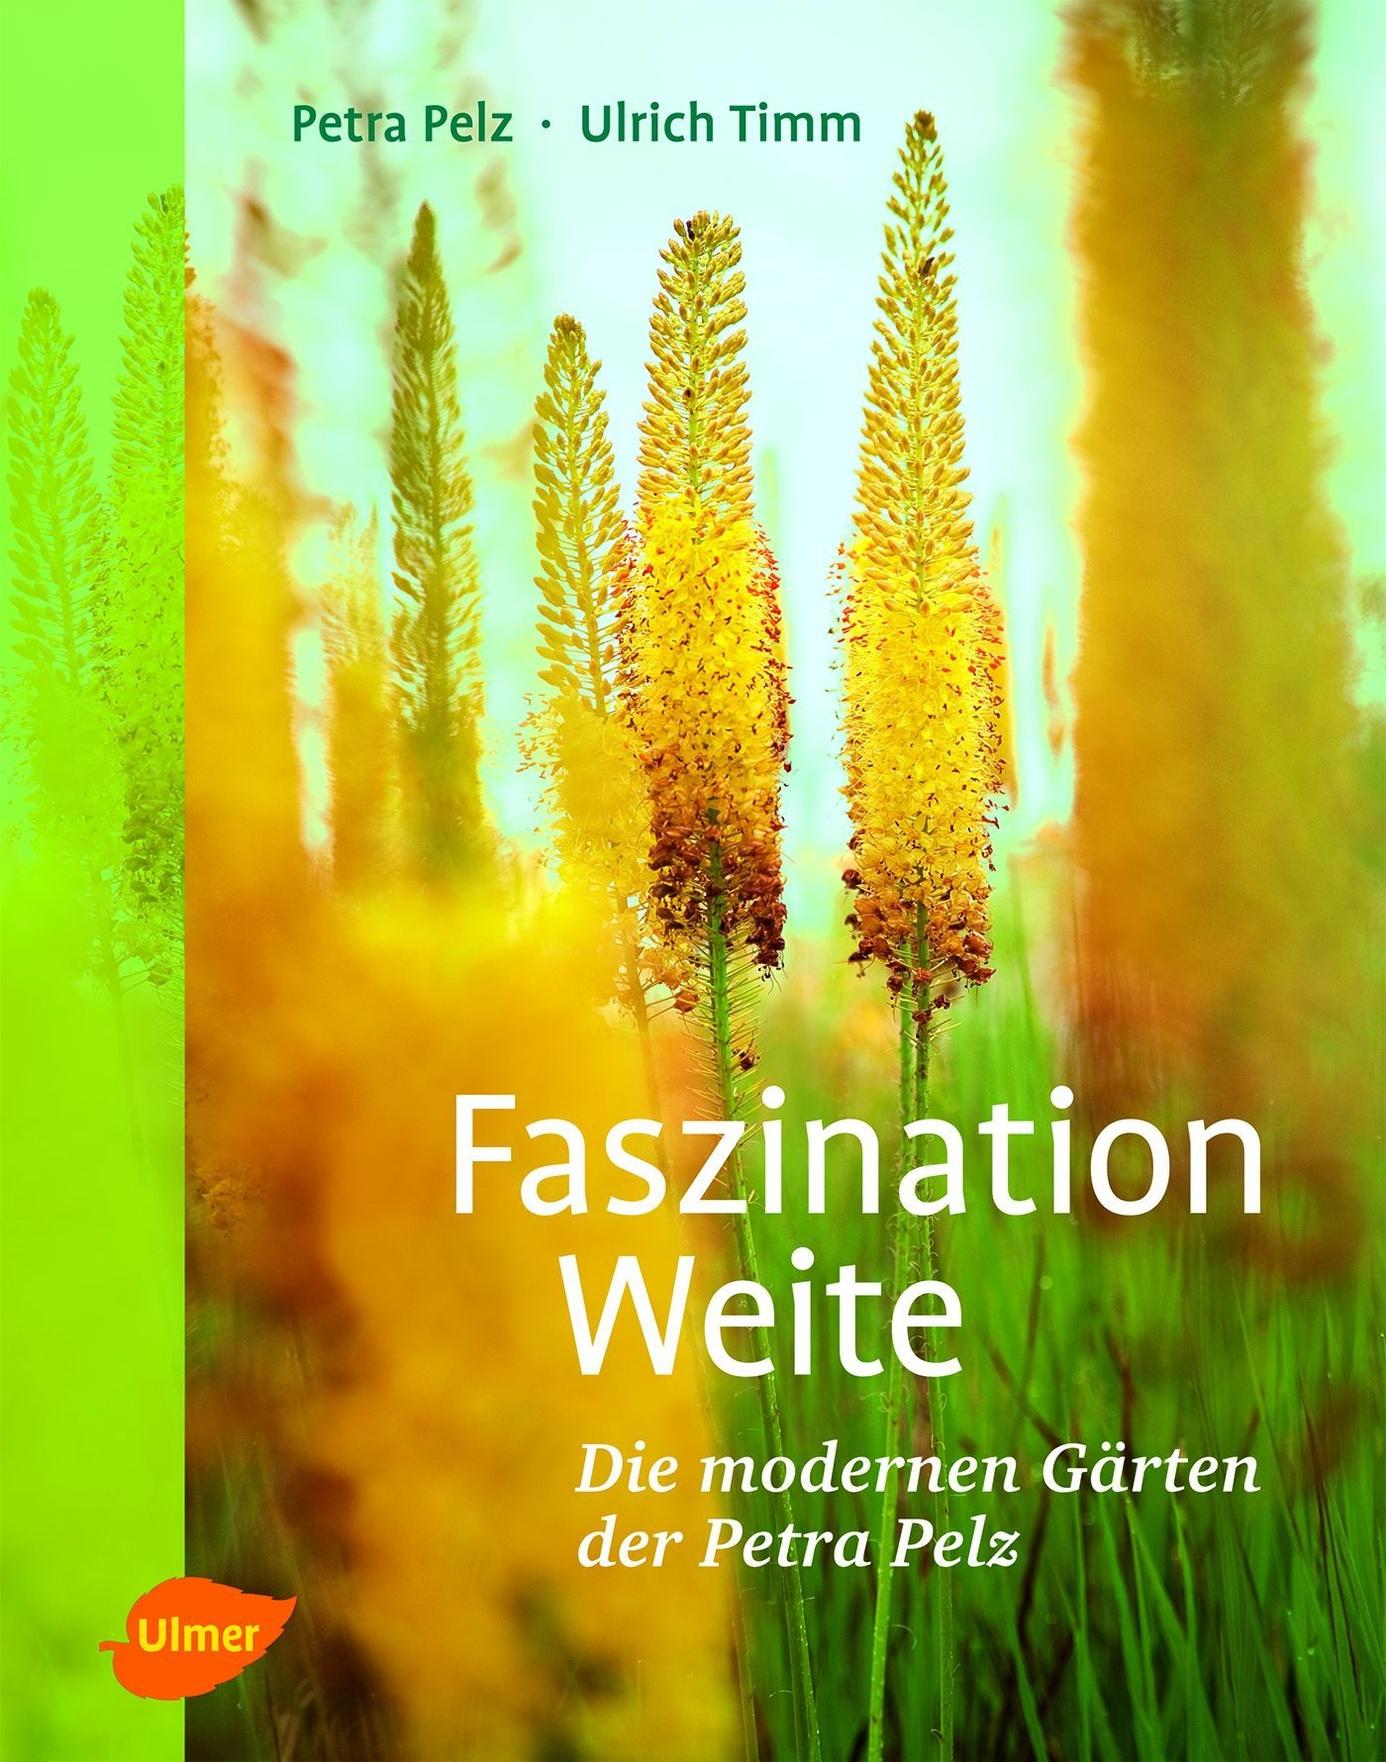 Faszination Weite Buch von Petra Pelz versandkostenfrei bei